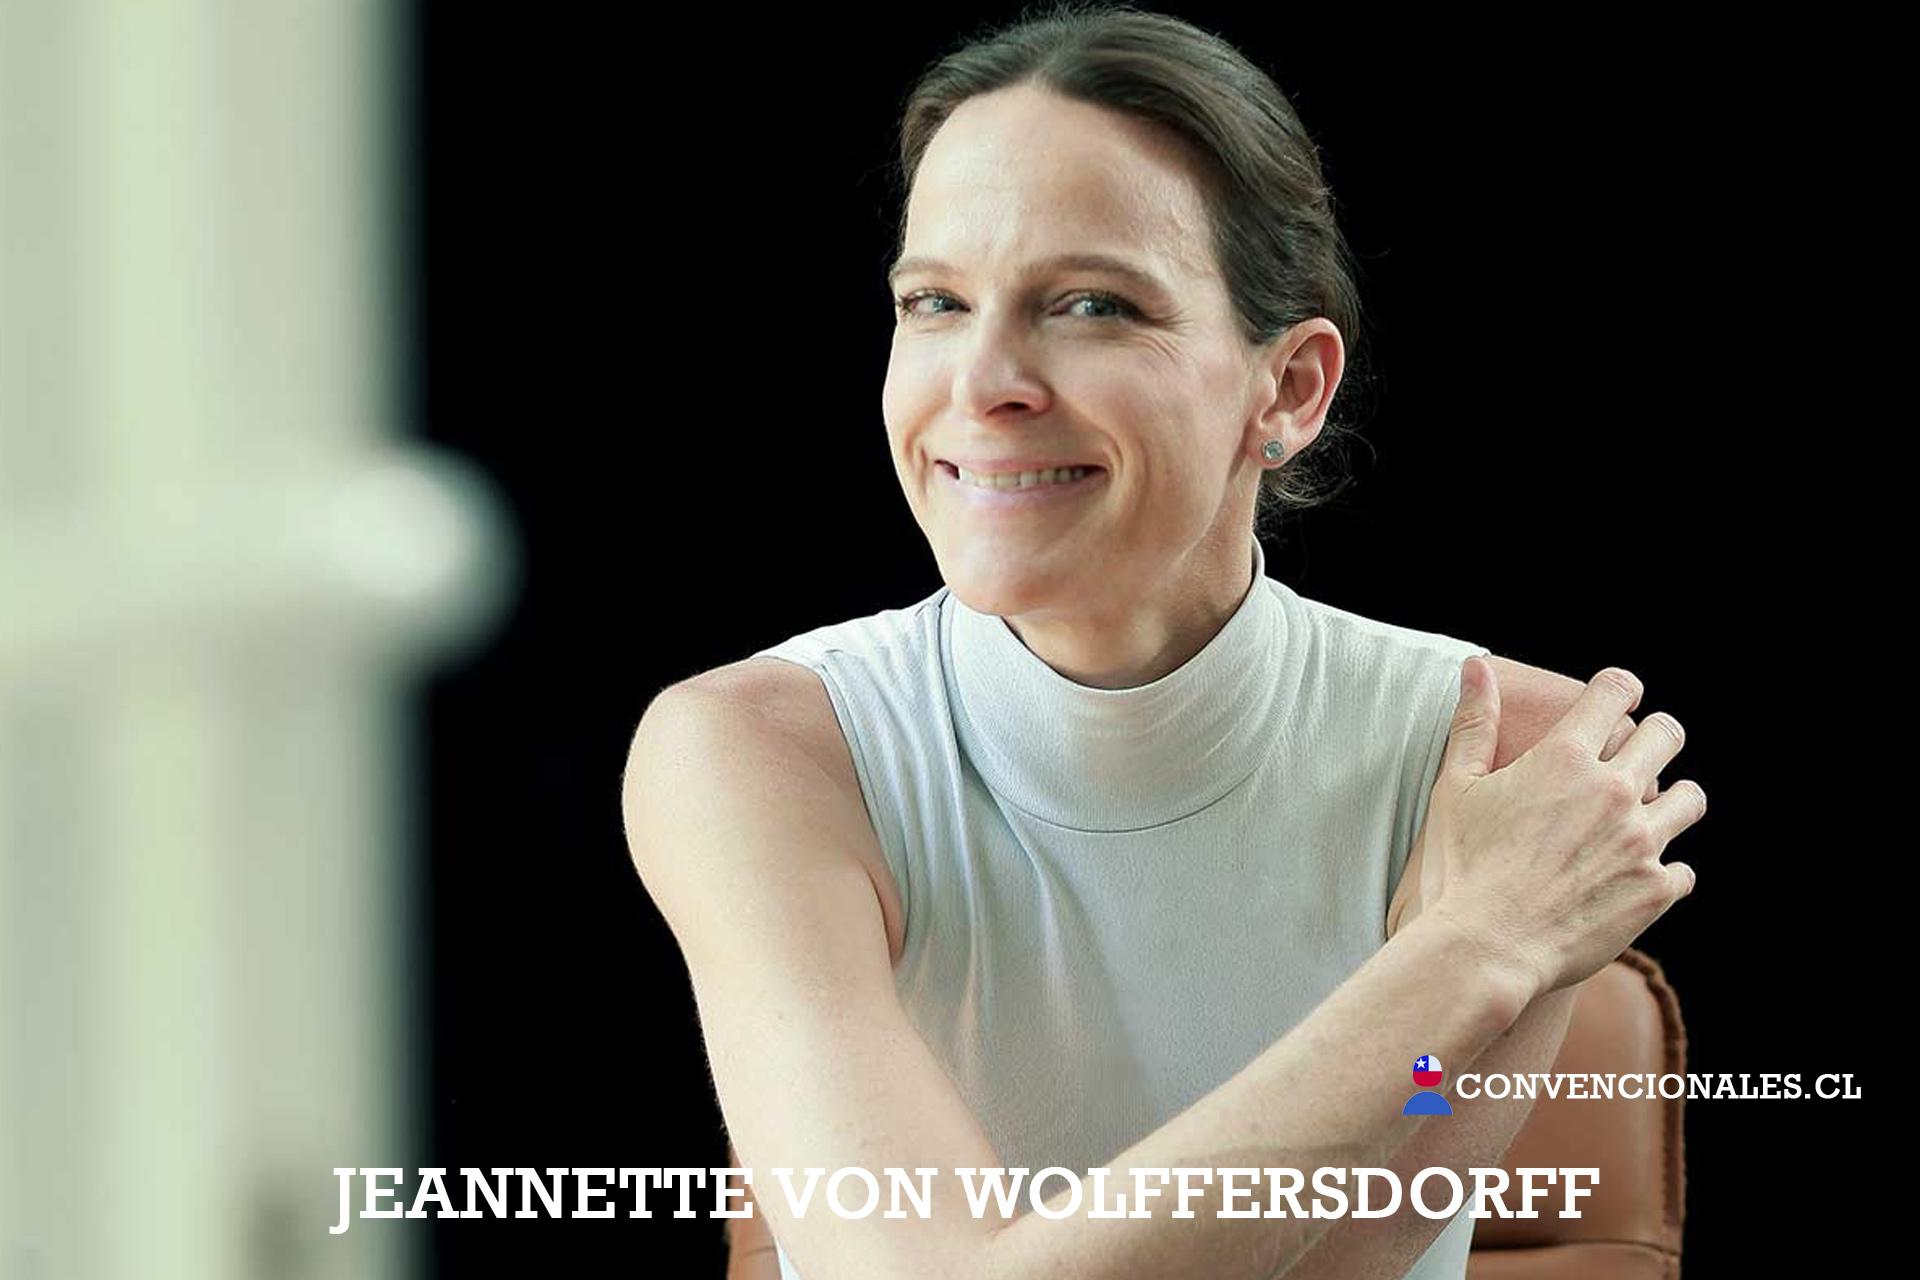 Jeannette Von Wolffersdorff